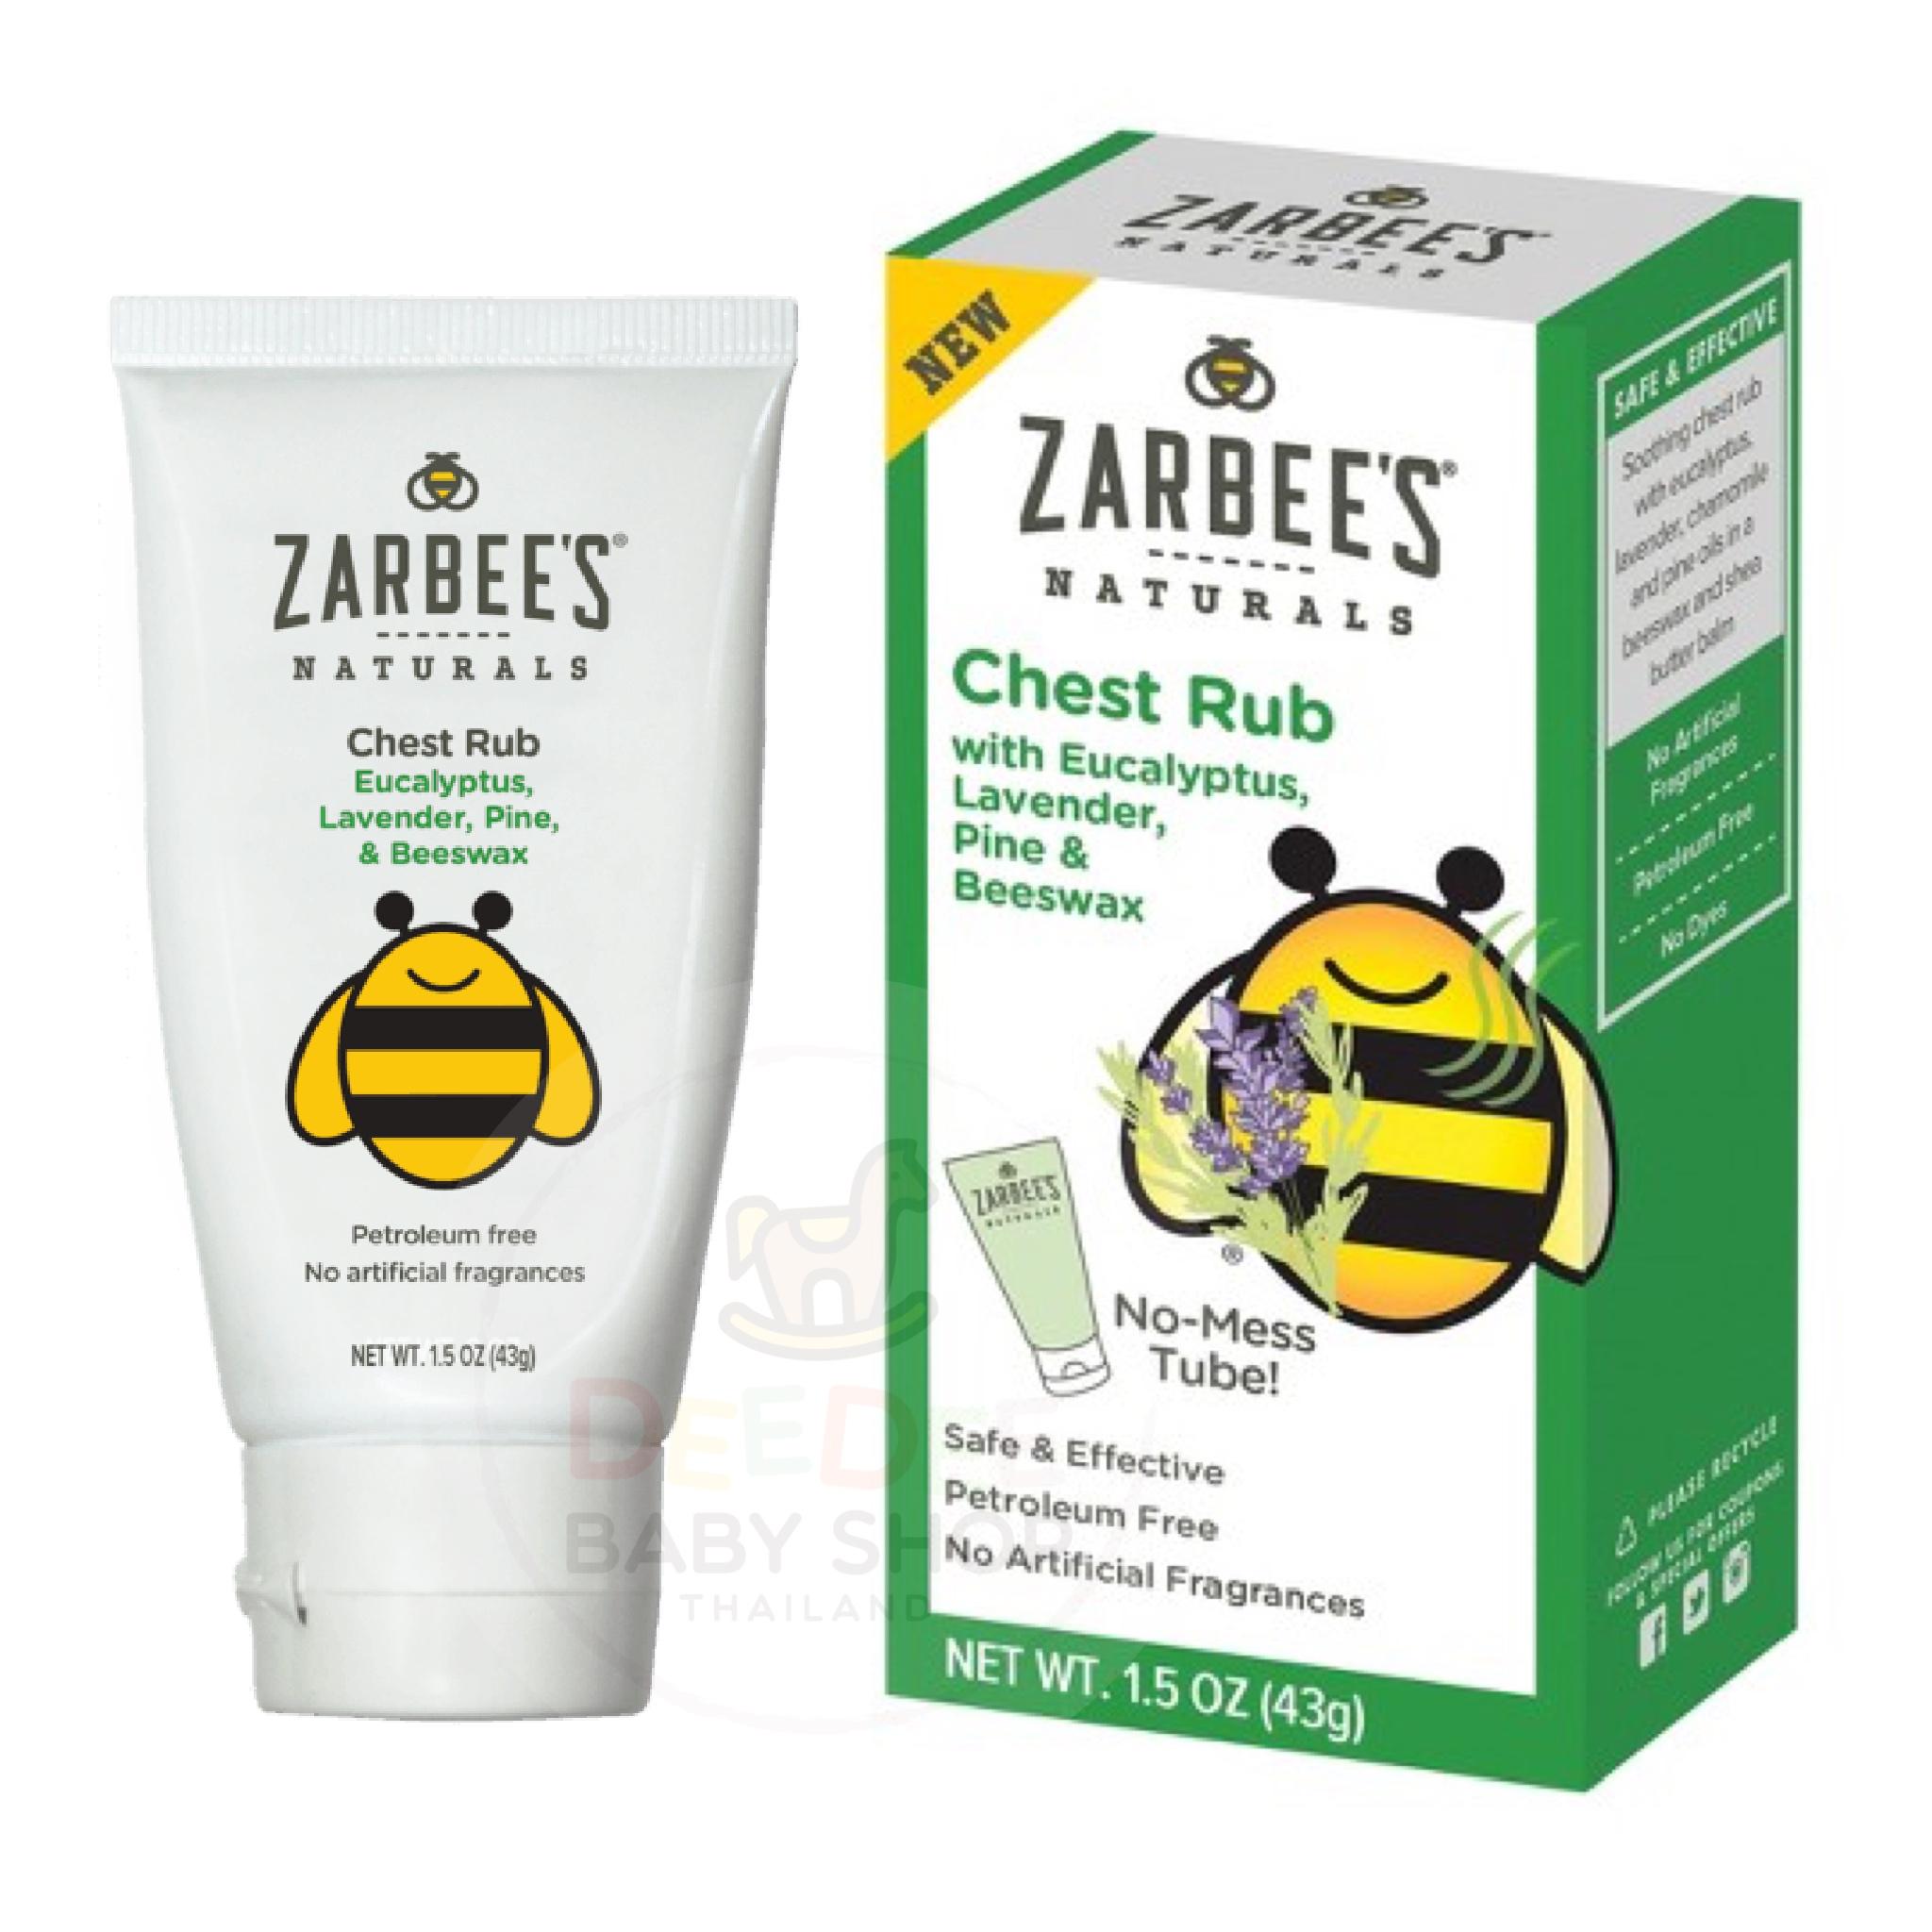 บาล์มธรรมชาติสำหรับเด็กและผู้ใหญ่ Zarbee's Naturals Chest Rub with Eucalyptus, Lavender, Pine & Beeswax